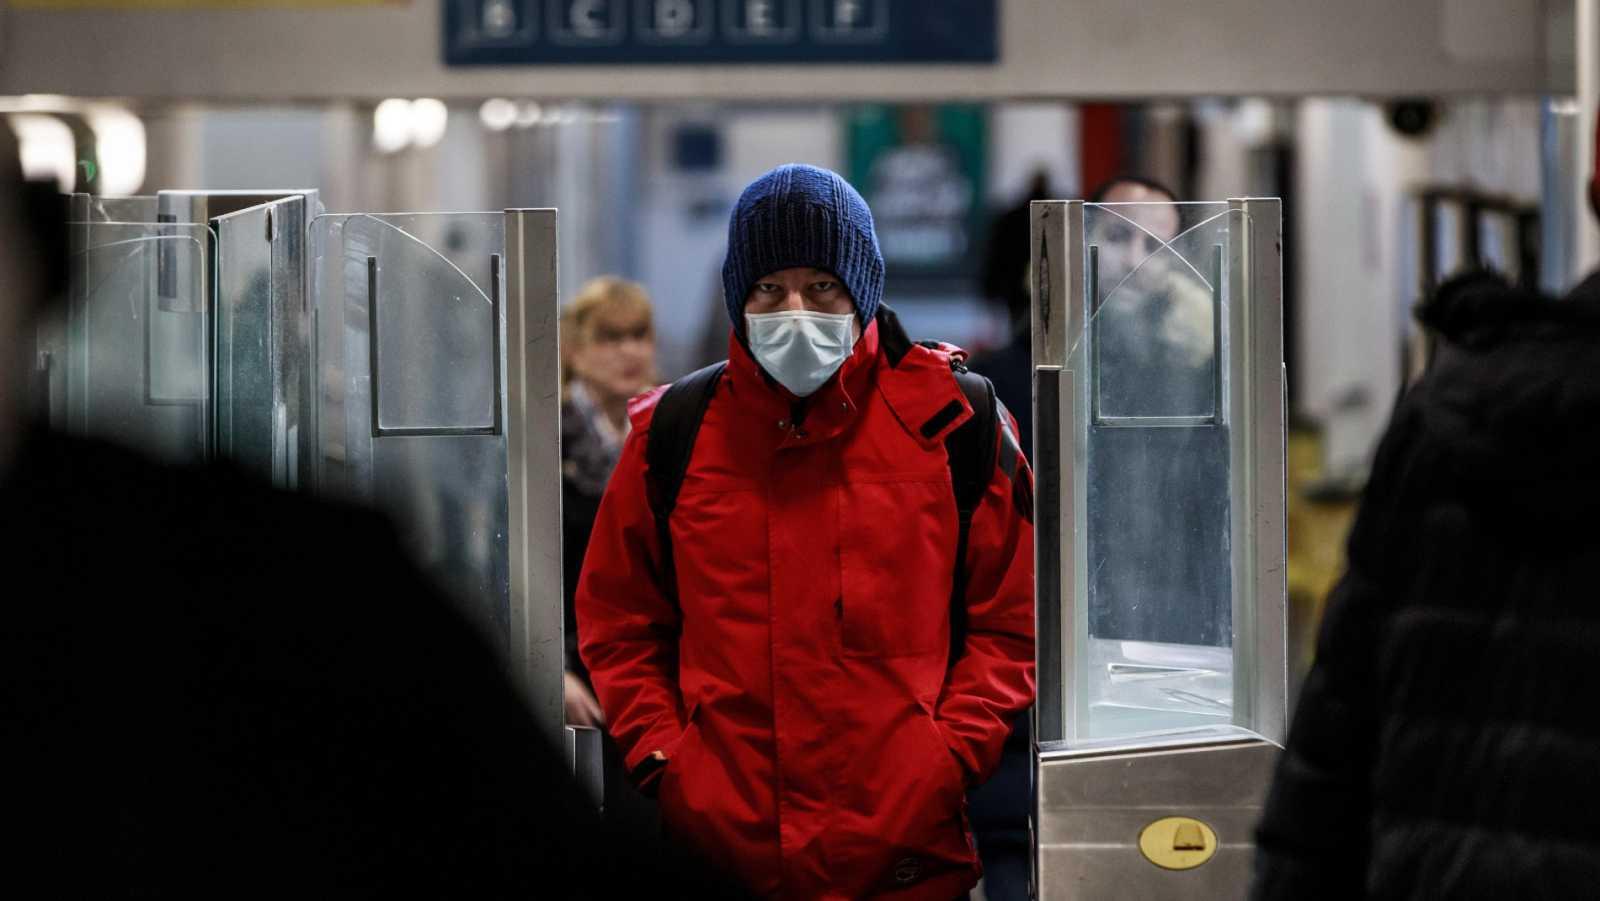 Vídeo: Este lunes comienza la obligatoriedad del uso de mascarillas en los transportes públicos